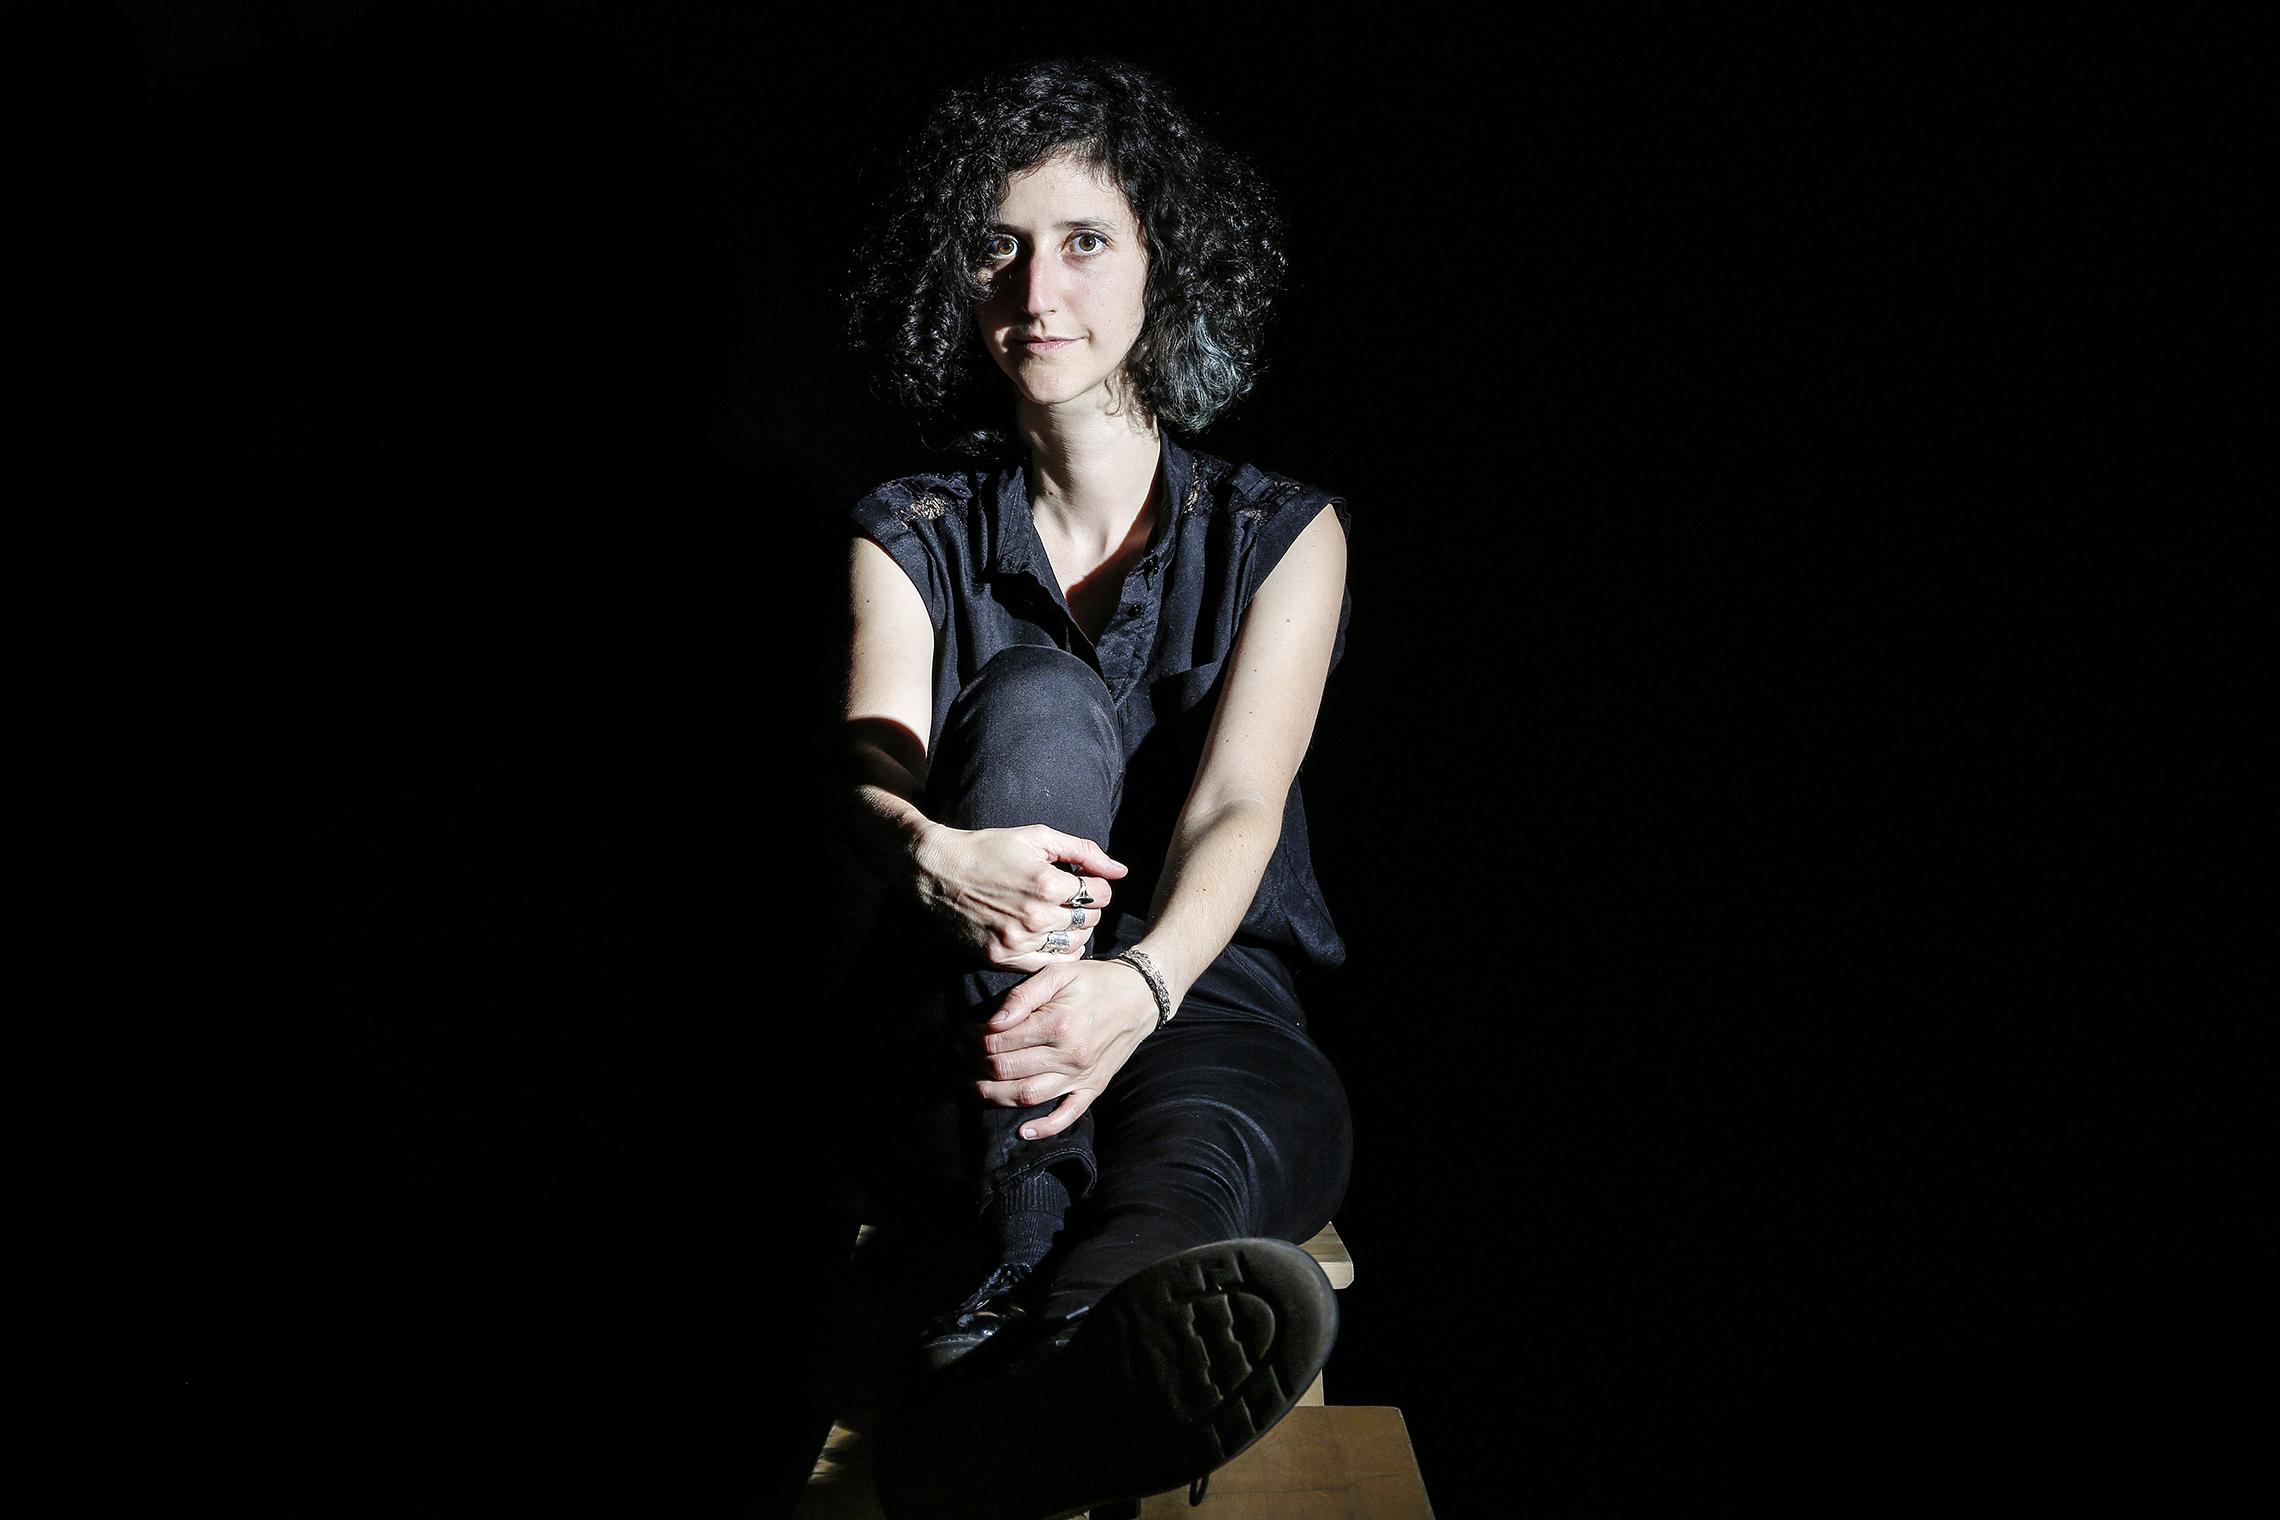 Laure, chanteuse-musicienne-compositrice, 13h53, Nouveau Monde